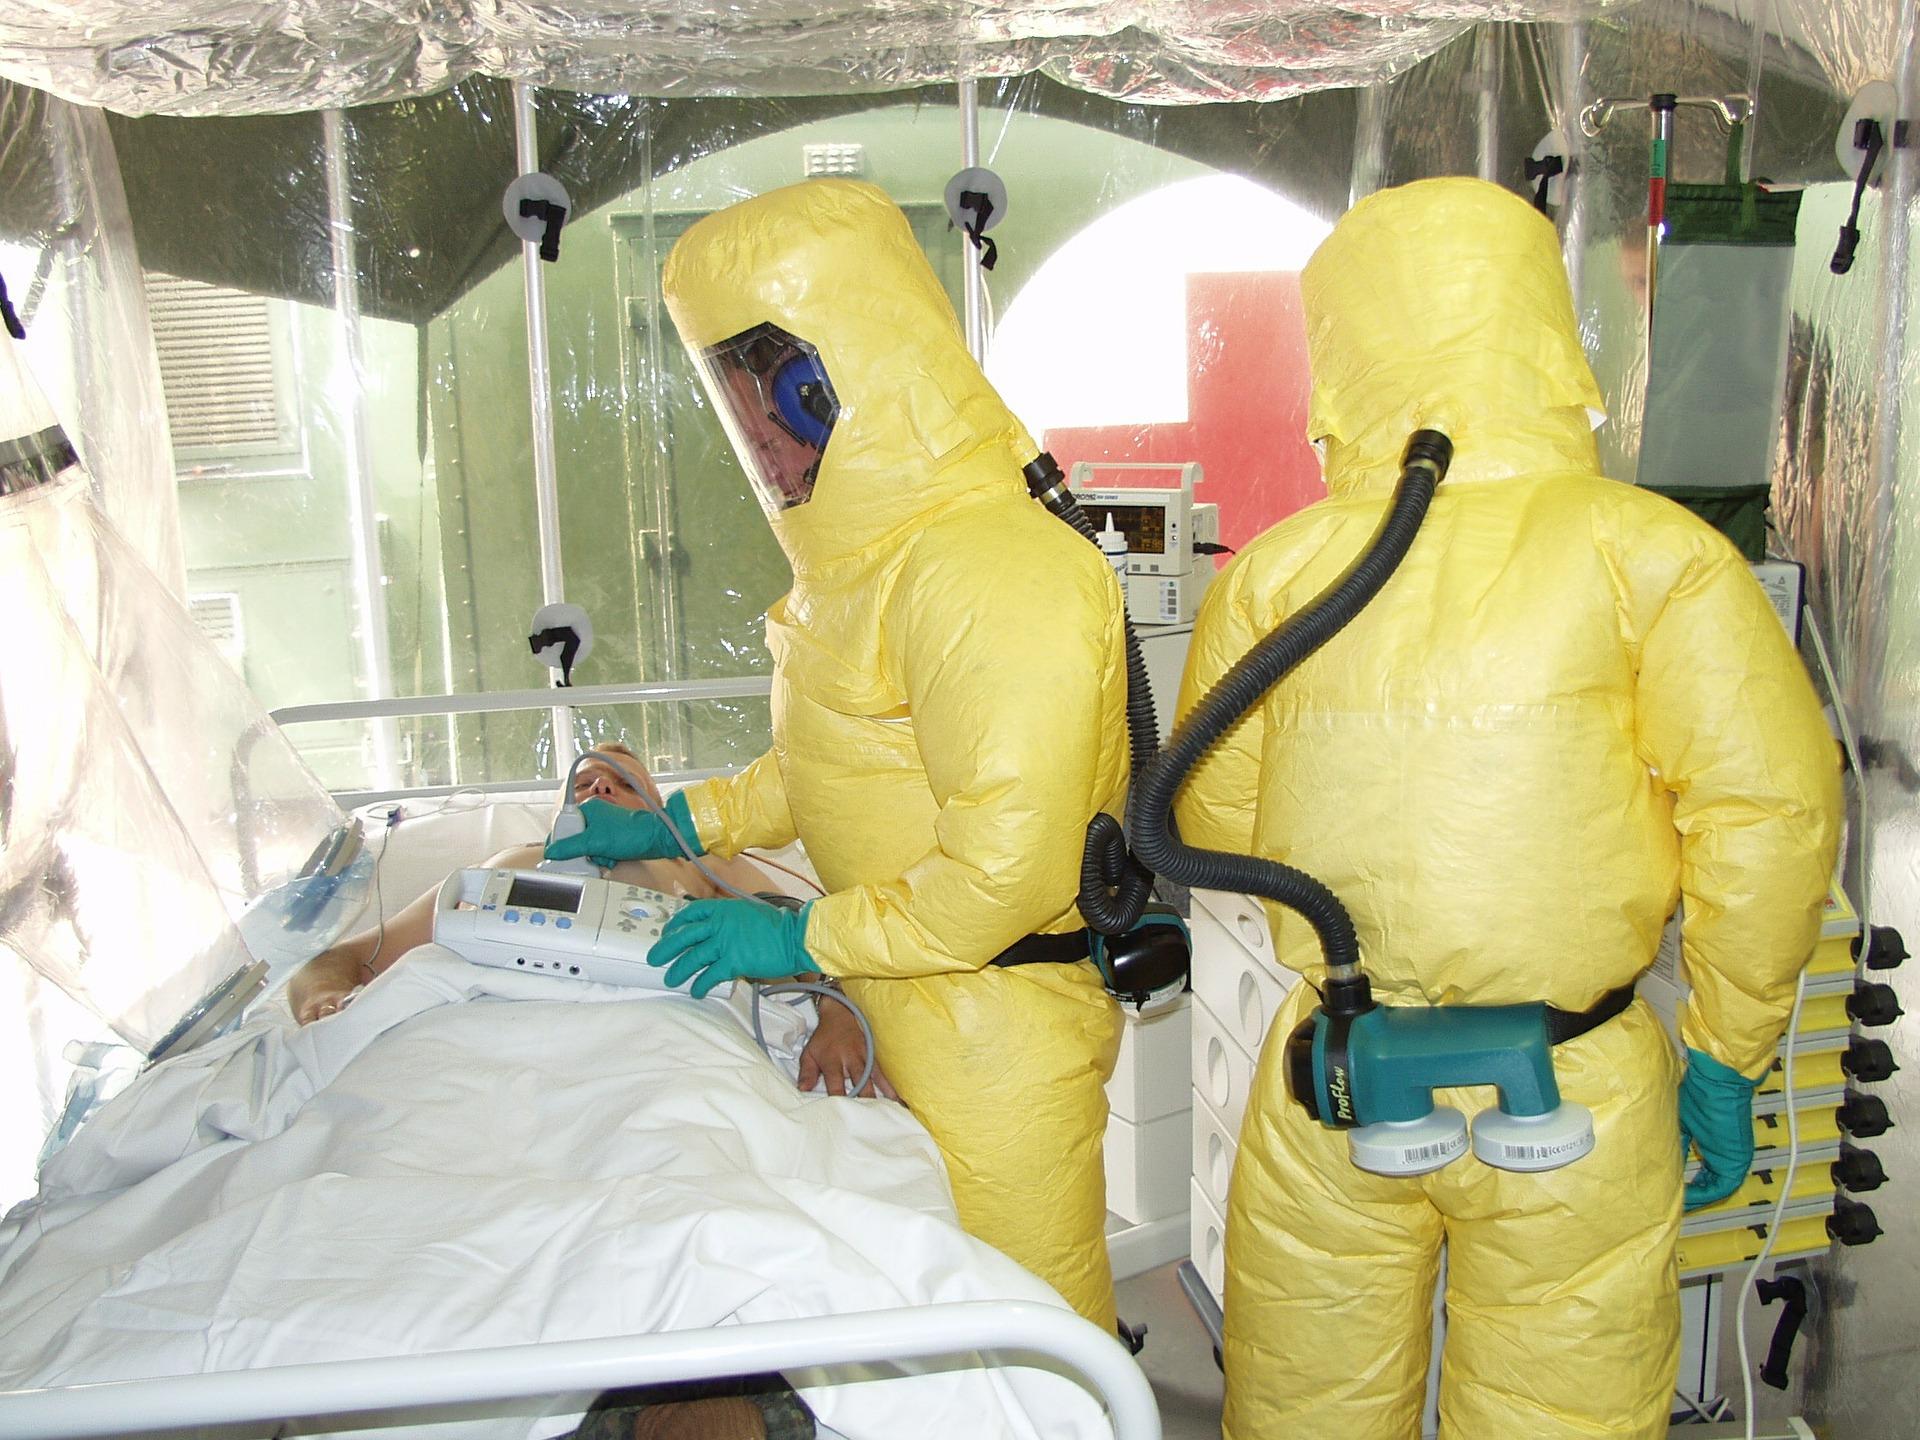 Aislamiento por nuevo brote de ébola en Africa